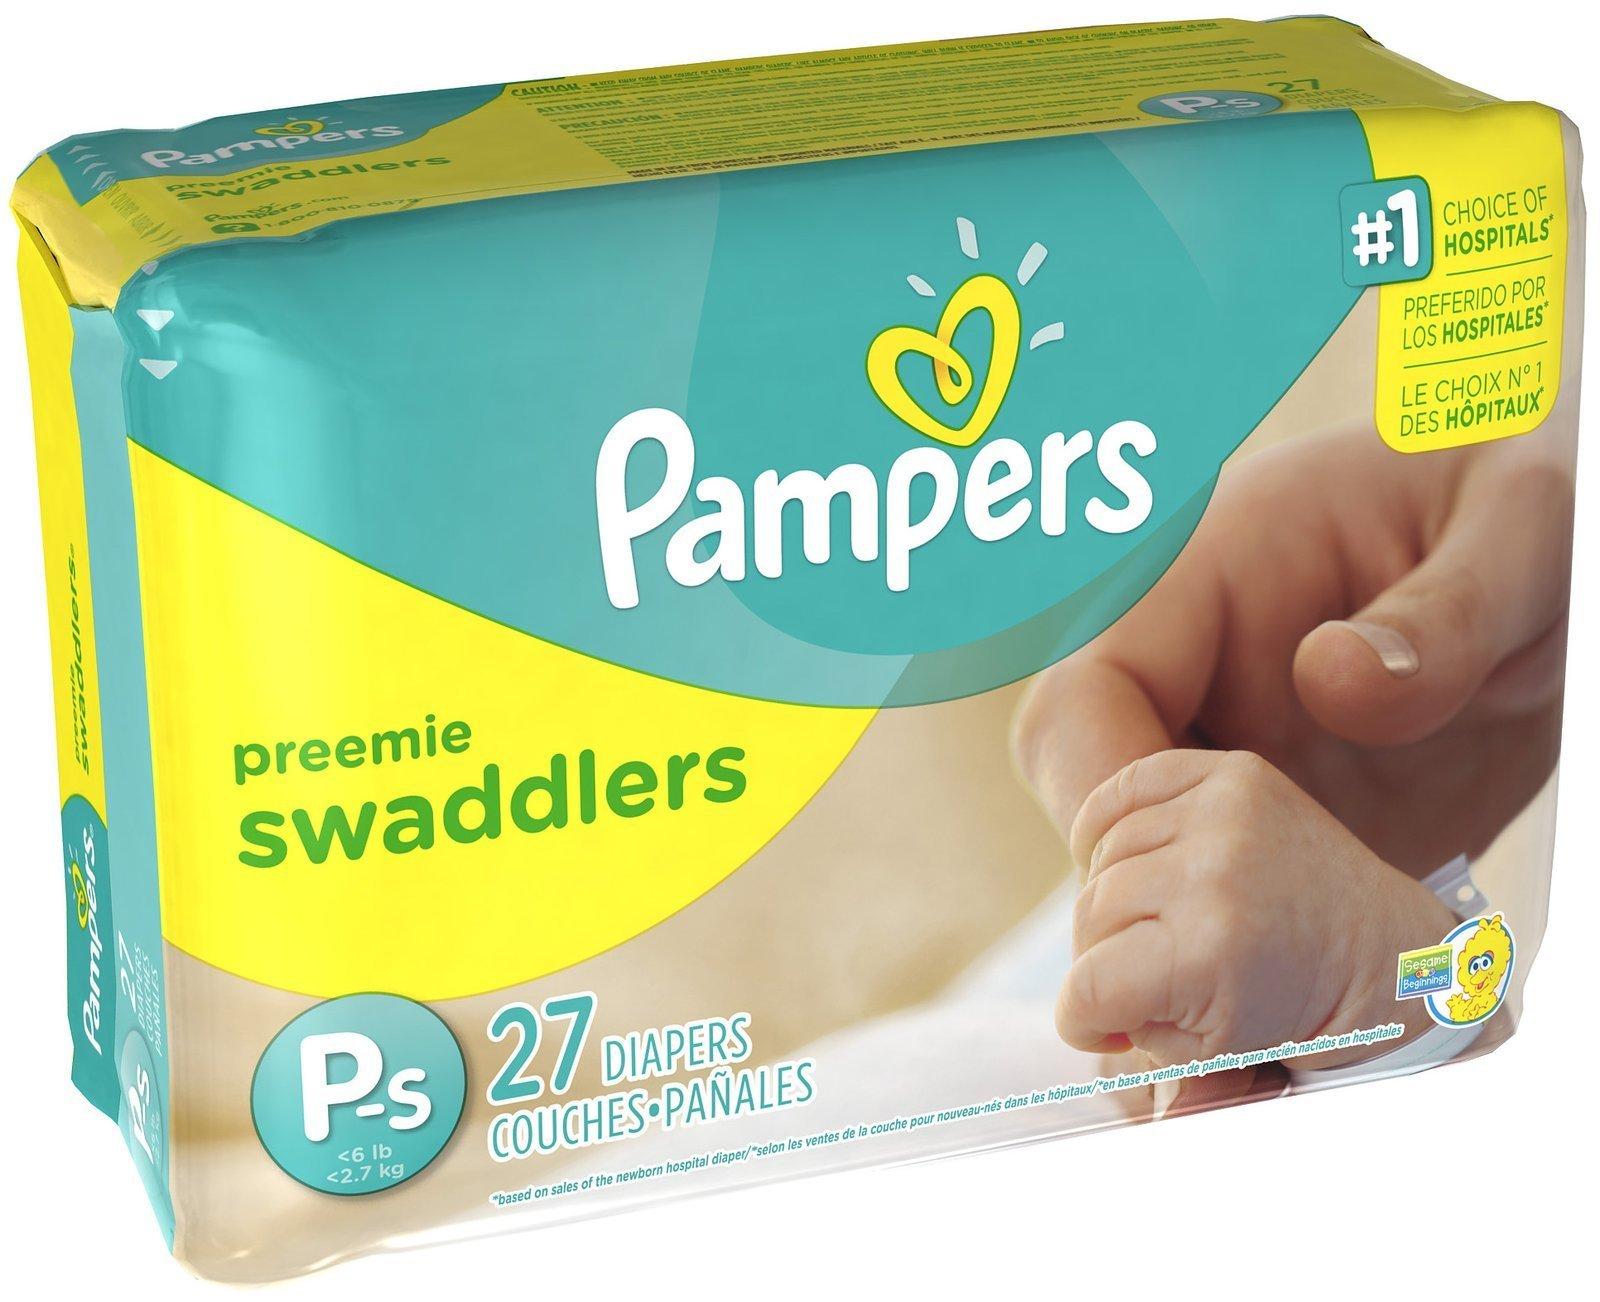 Pampers Swaddlers Diapers - Preemie - 27 ct